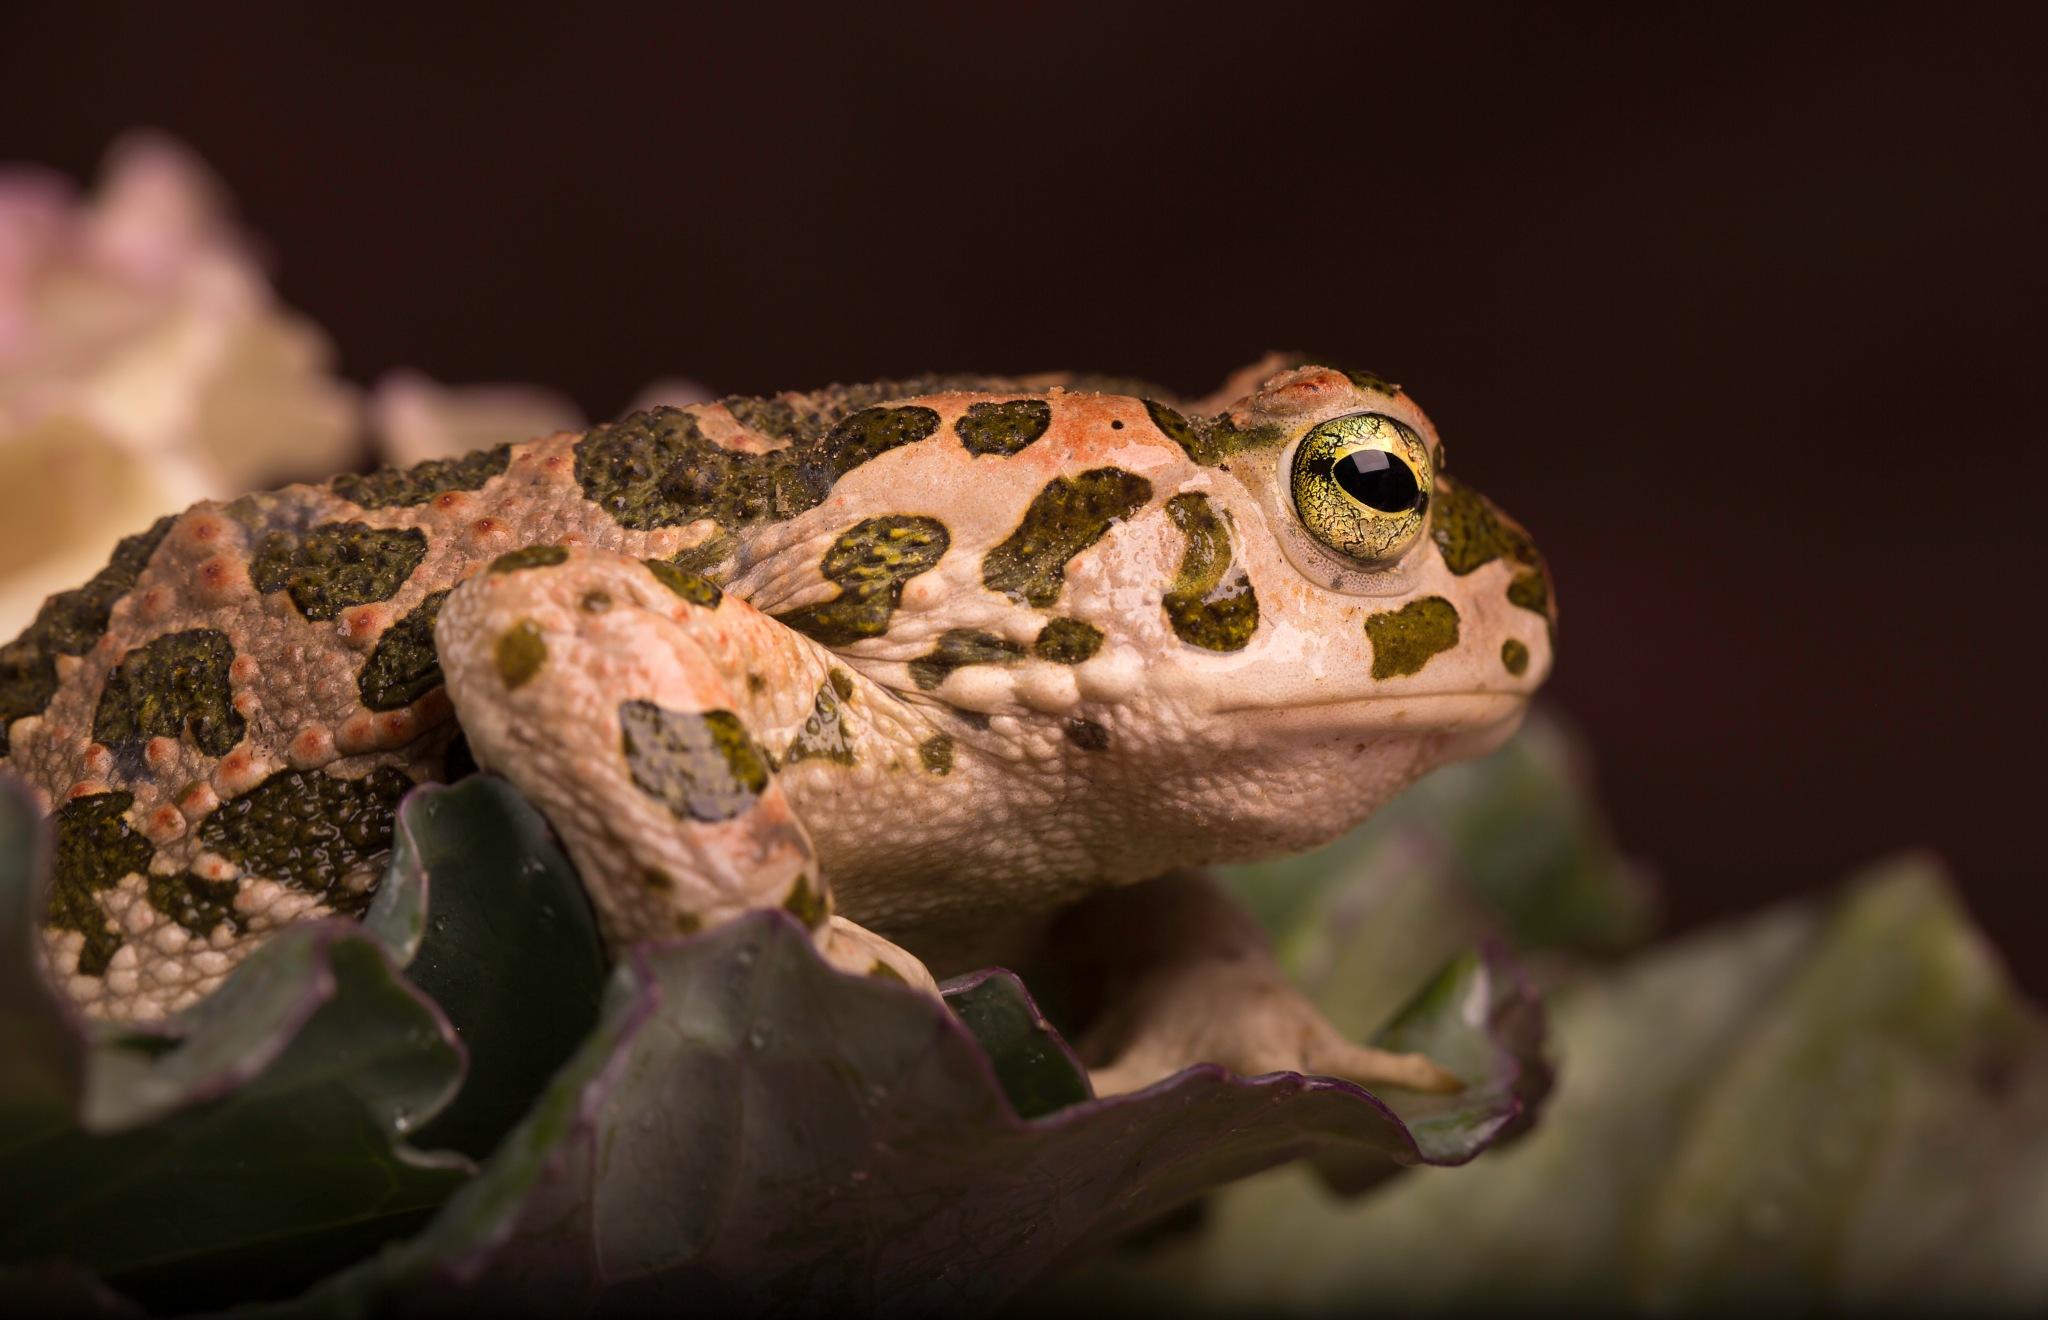 frog by osama almngush